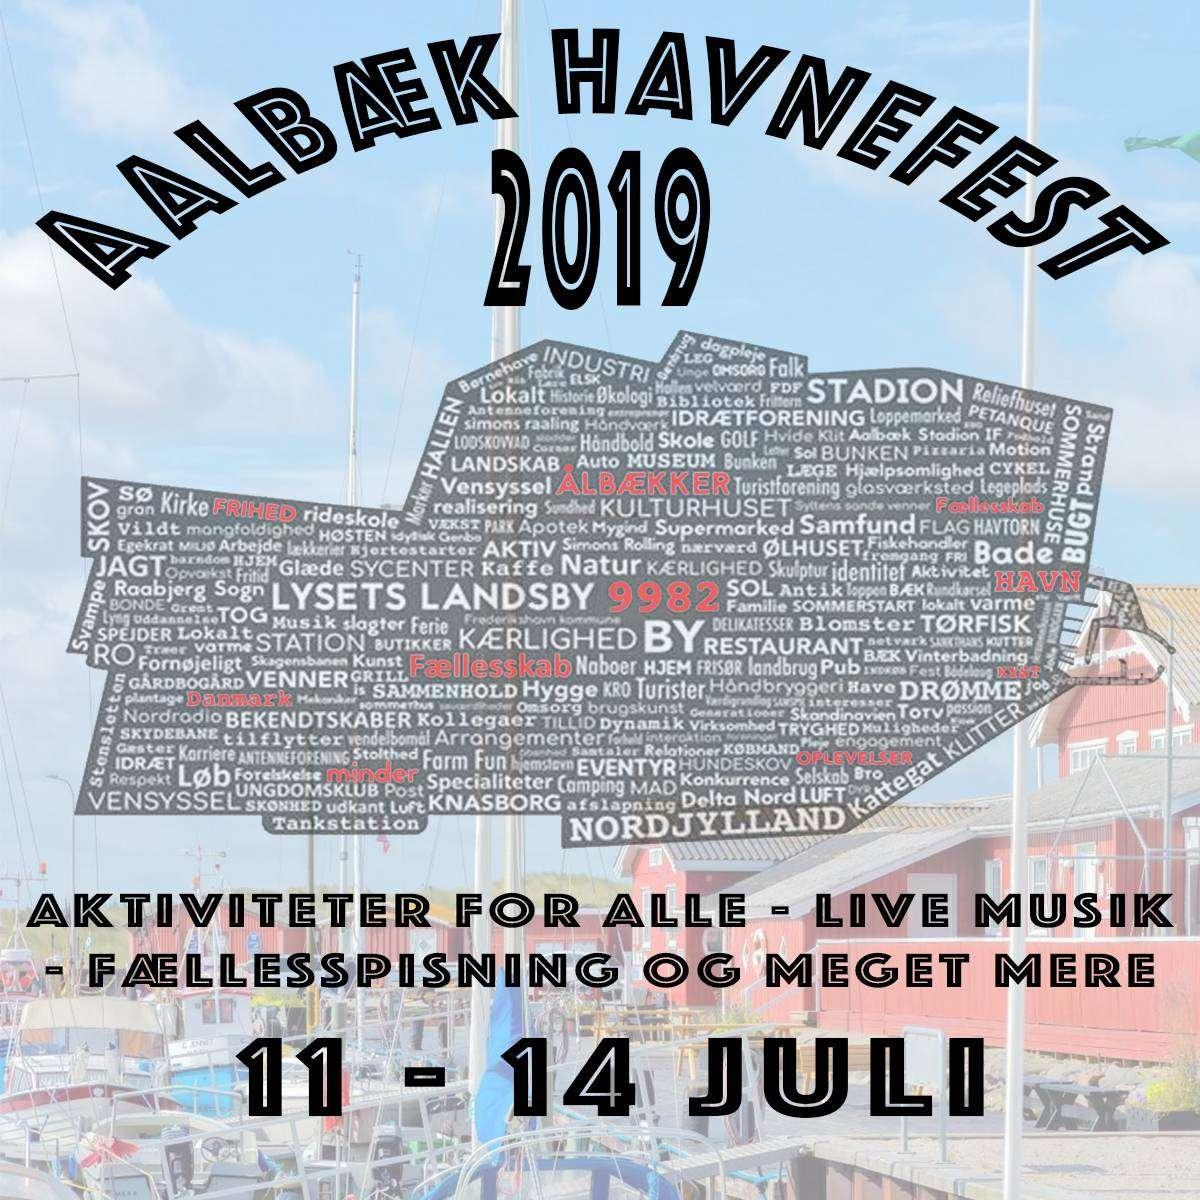 Aalbæk Havnefest